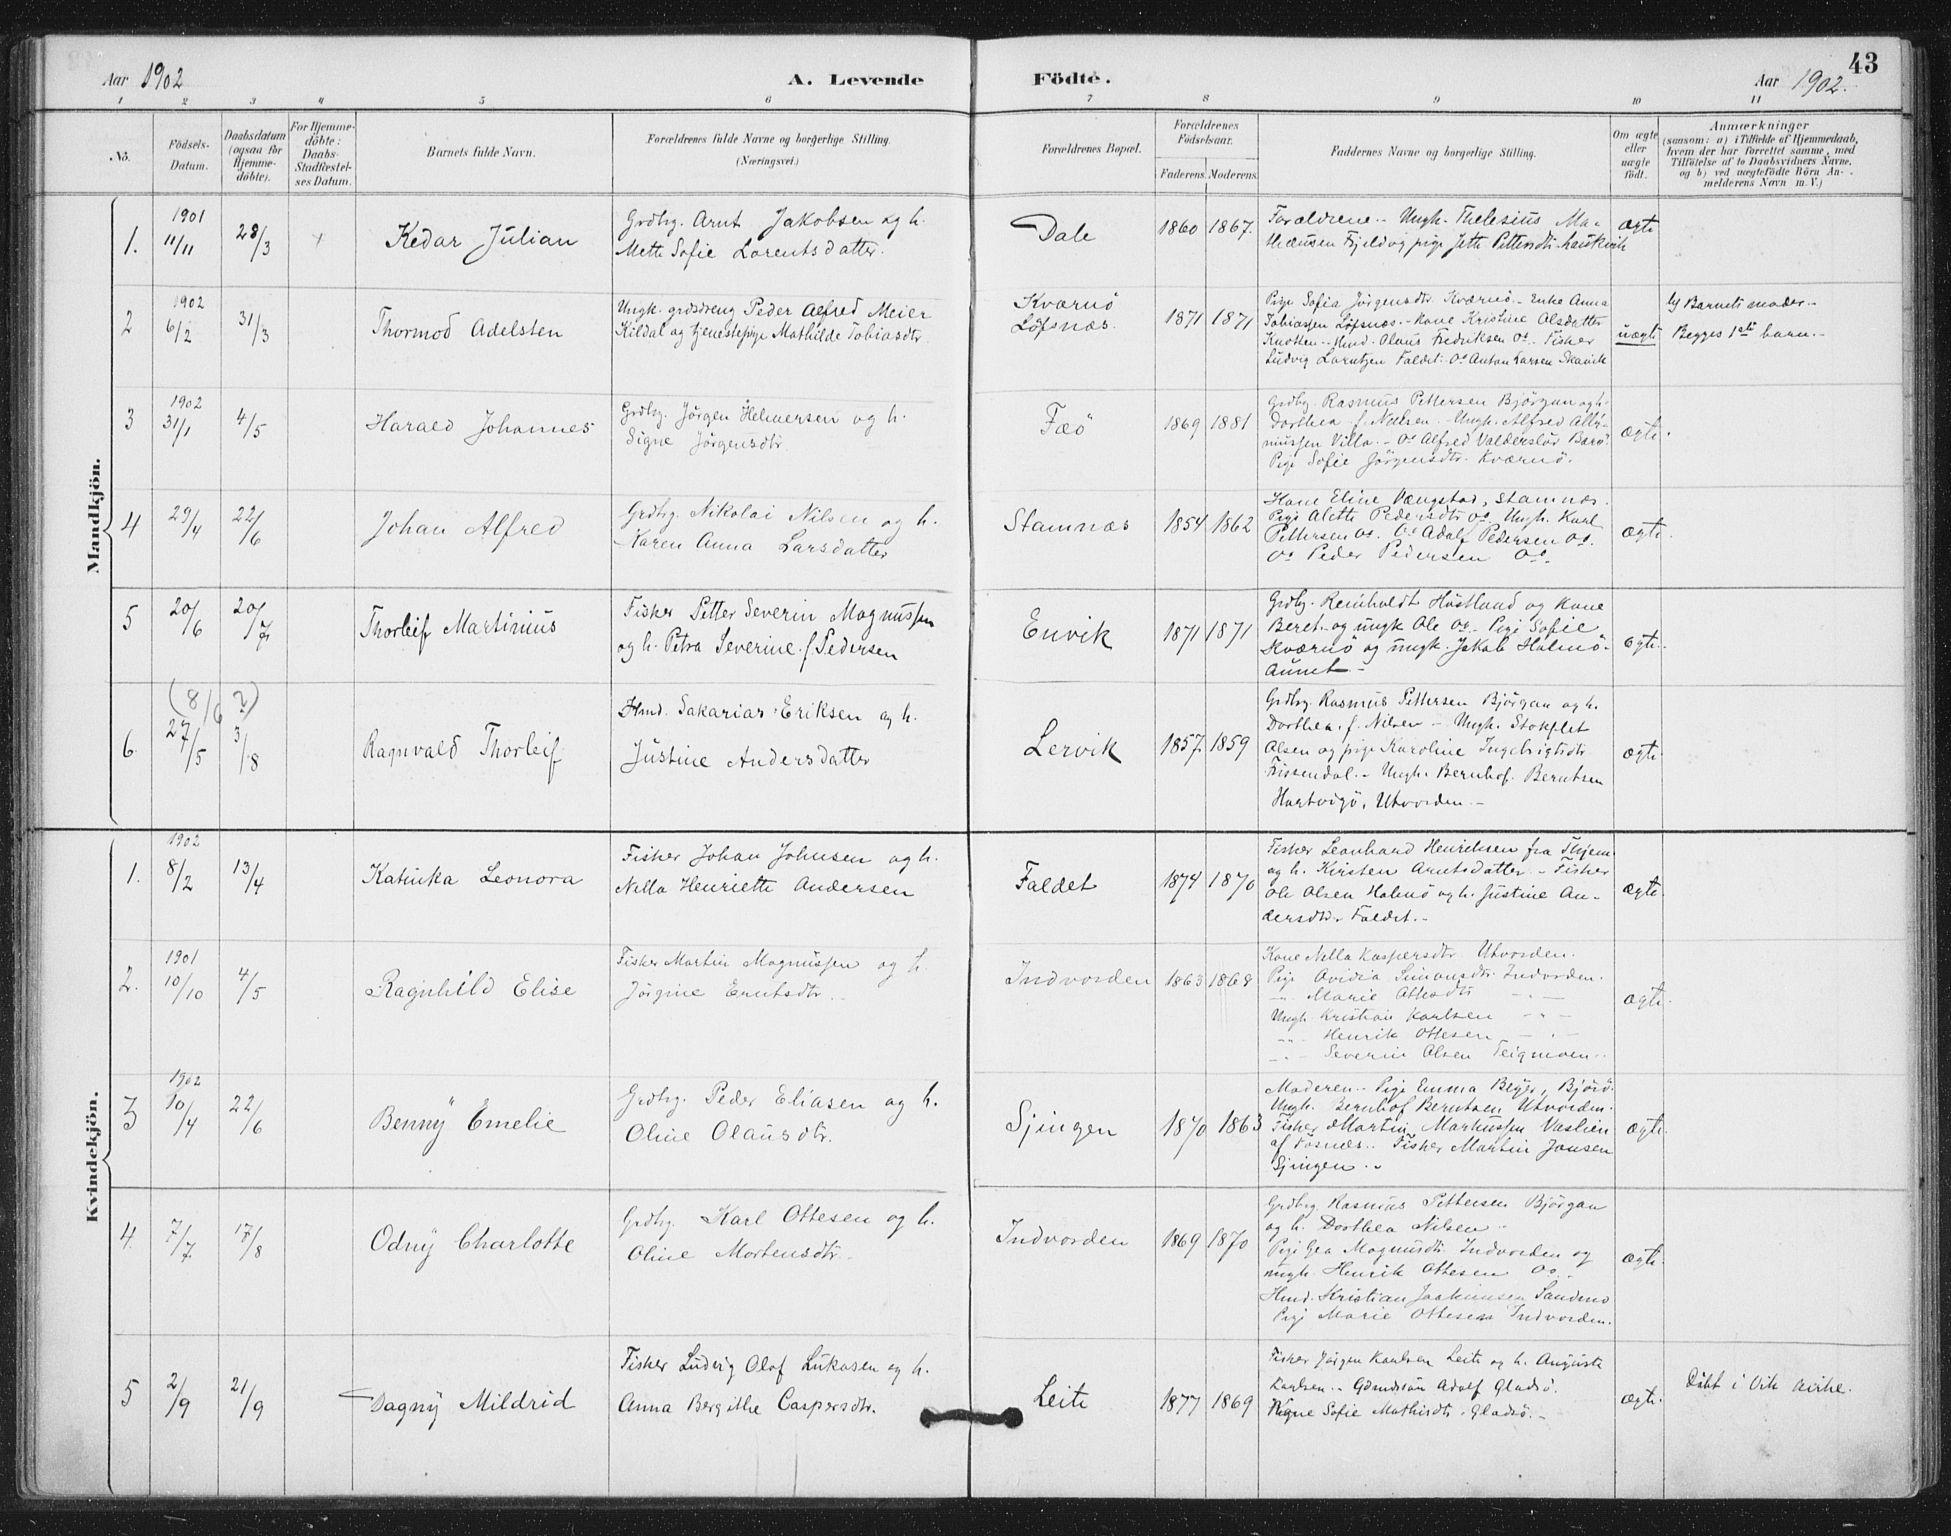 SAT, Ministerialprotokoller, klokkerbøker og fødselsregistre - Nord-Trøndelag, 772/L0603: Ministerialbok nr. 772A01, 1885-1912, s. 43